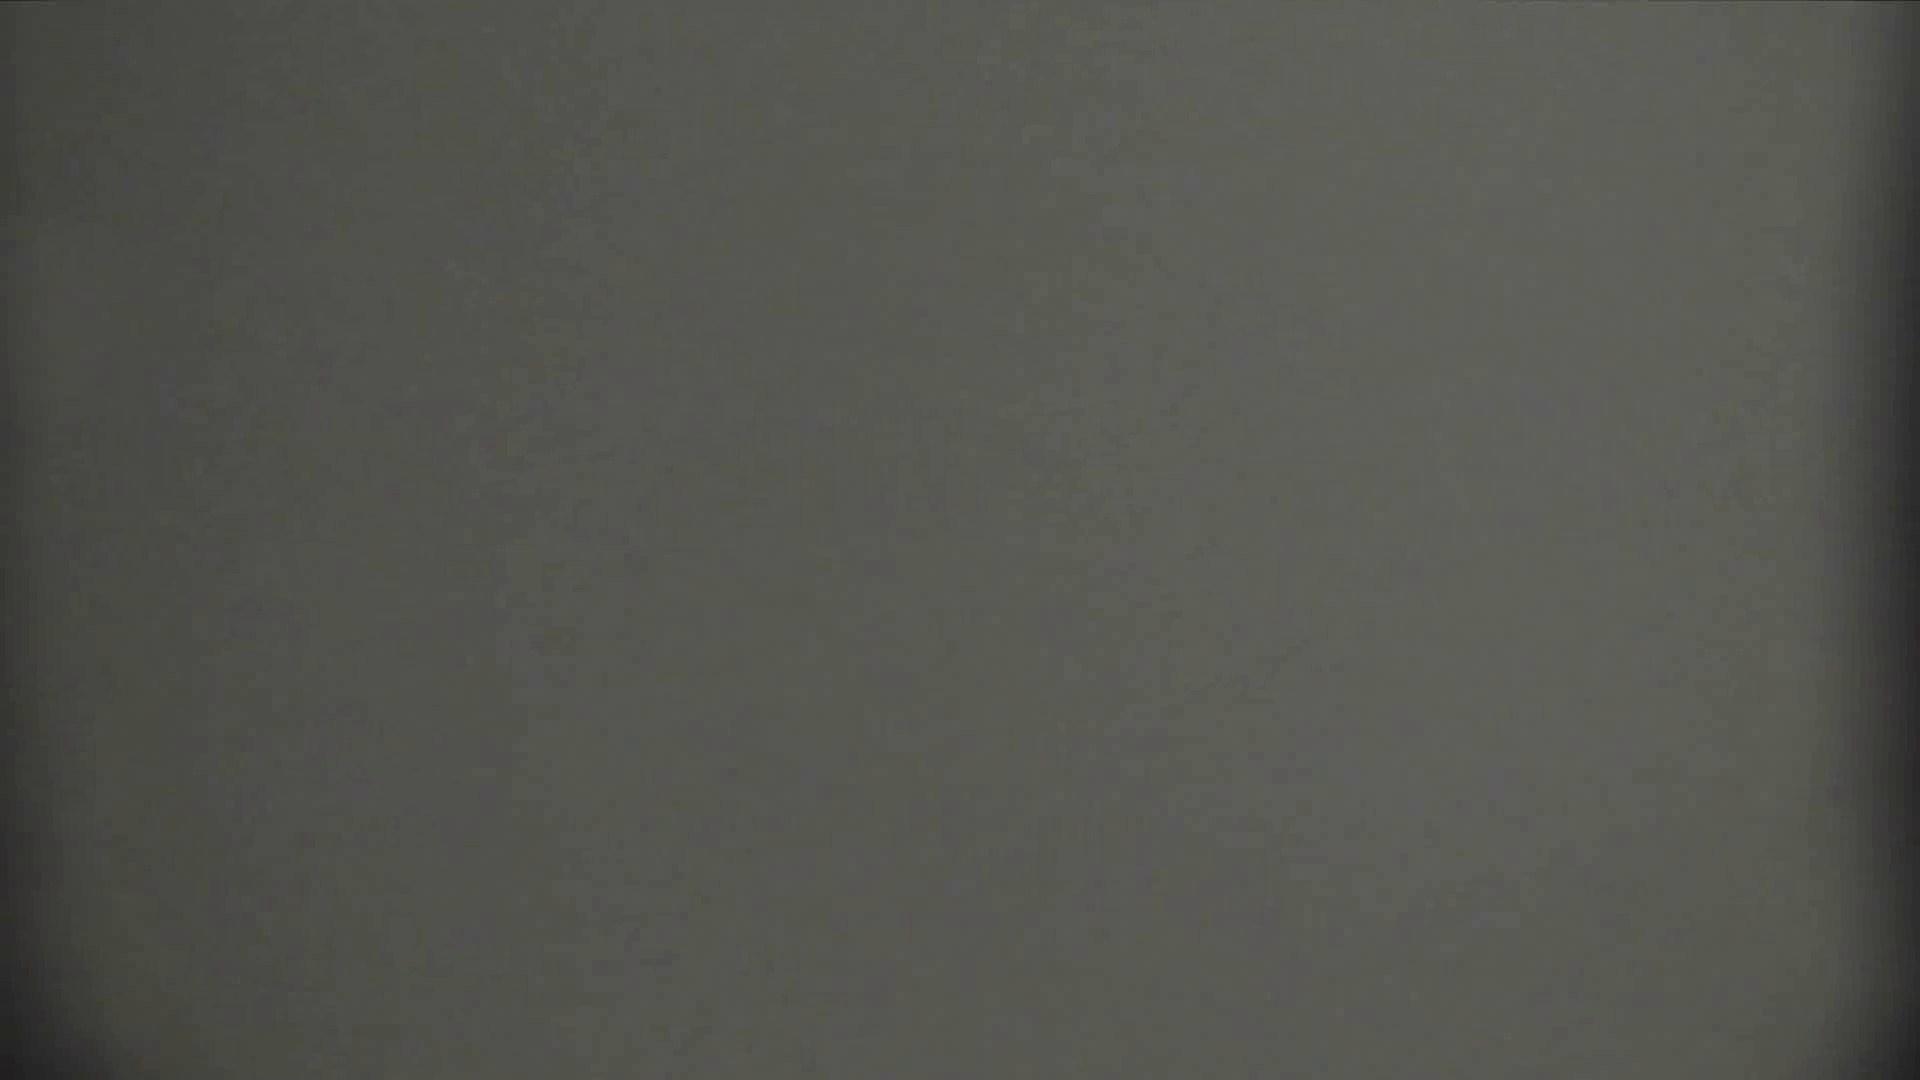 世界の射窓から vol.43 ソーニュー セックスする女性達 | 丸見え  105画像 36